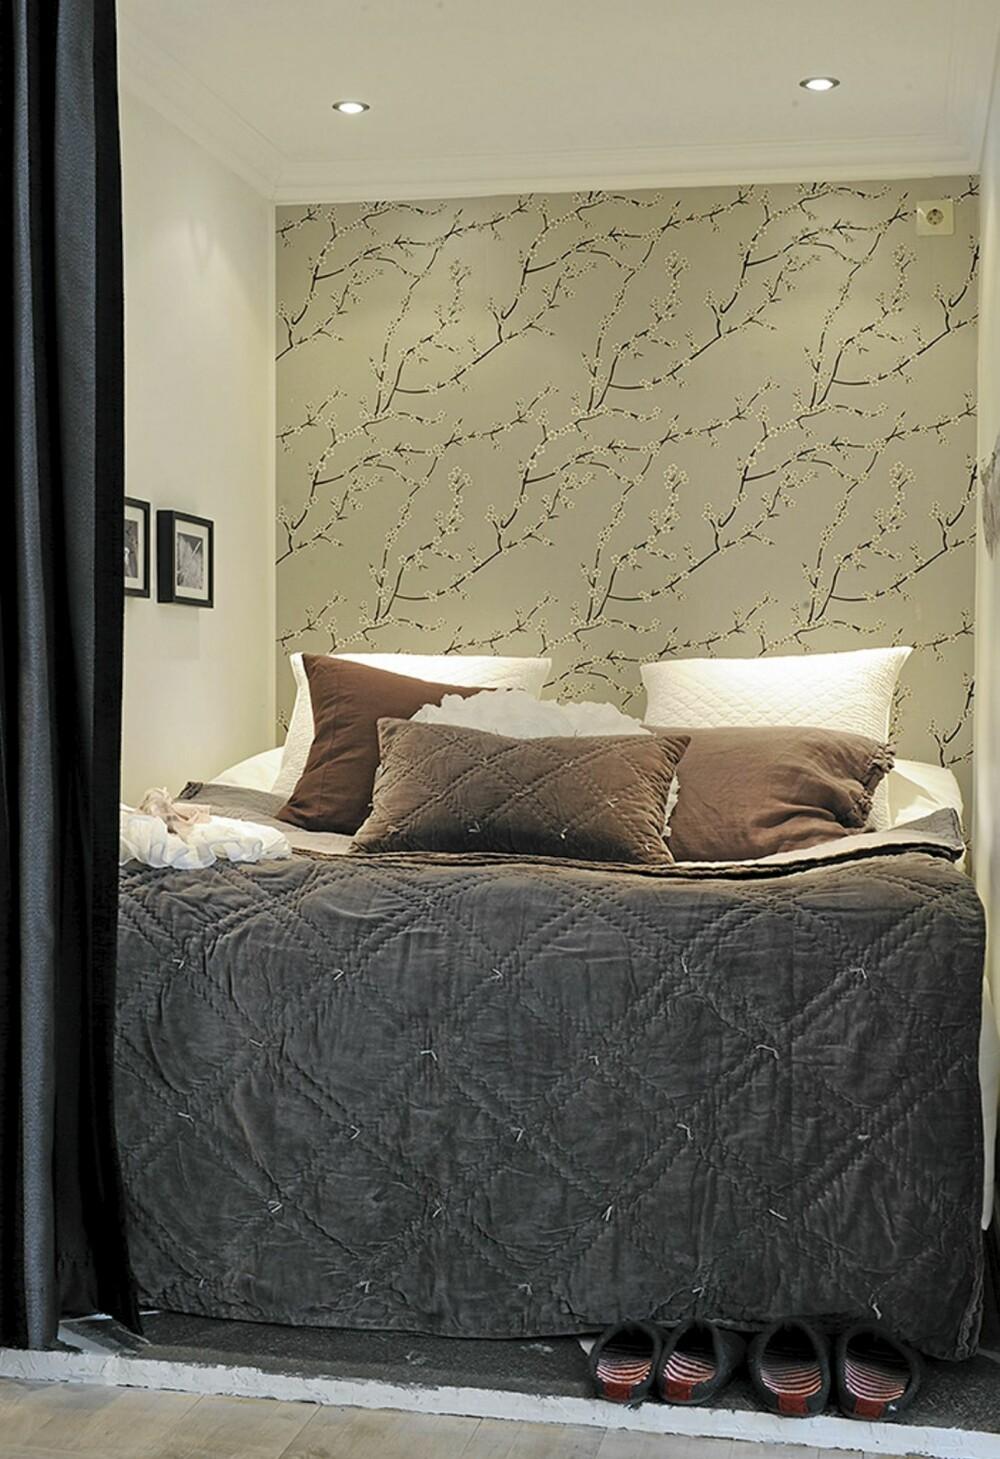 SOVEALKOVE: i sovealkoven har de tapetsert veggen slik at fargene på sengeteppe og puter harmonerer.